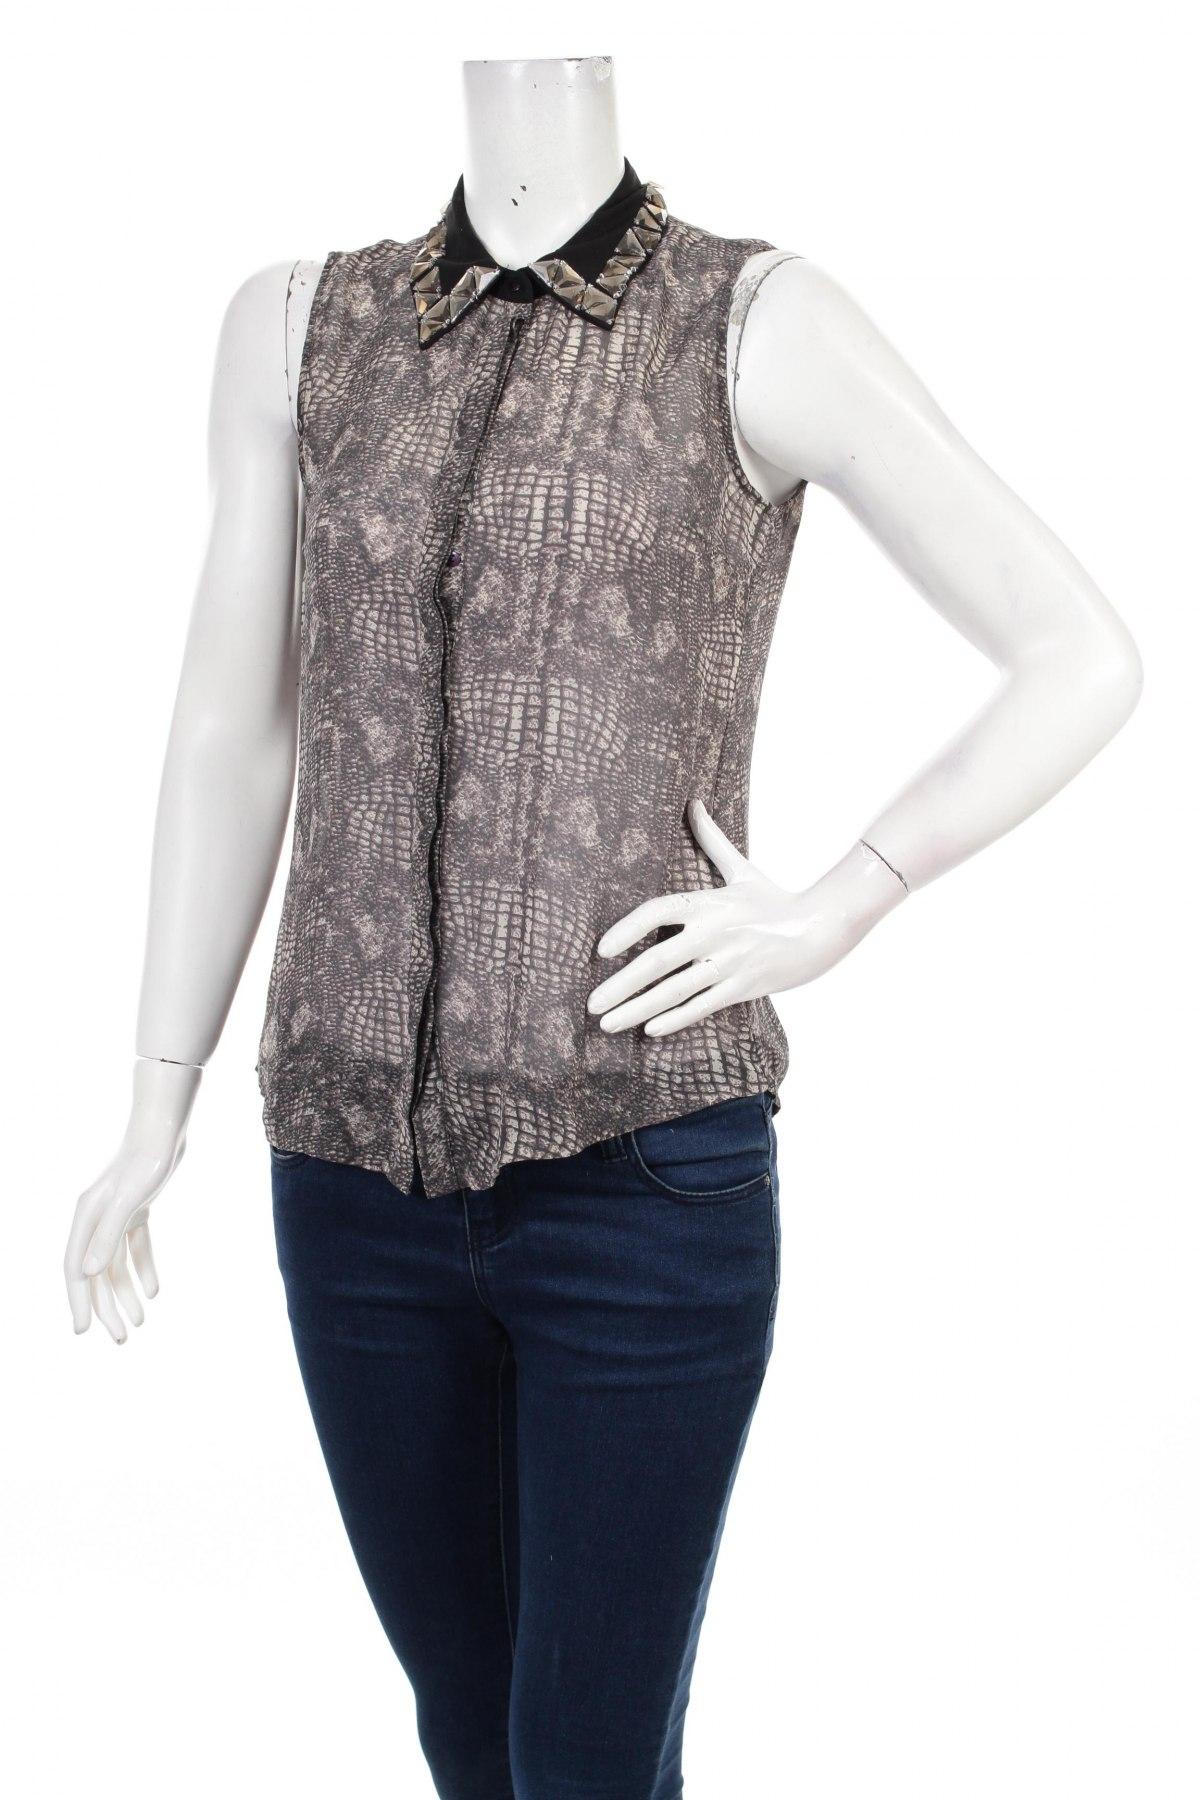 Γυναικείο πουκάμισο Vero Moda, Μέγεθος M, Χρώμα Πολύχρωμο, Τιμή 10,82€